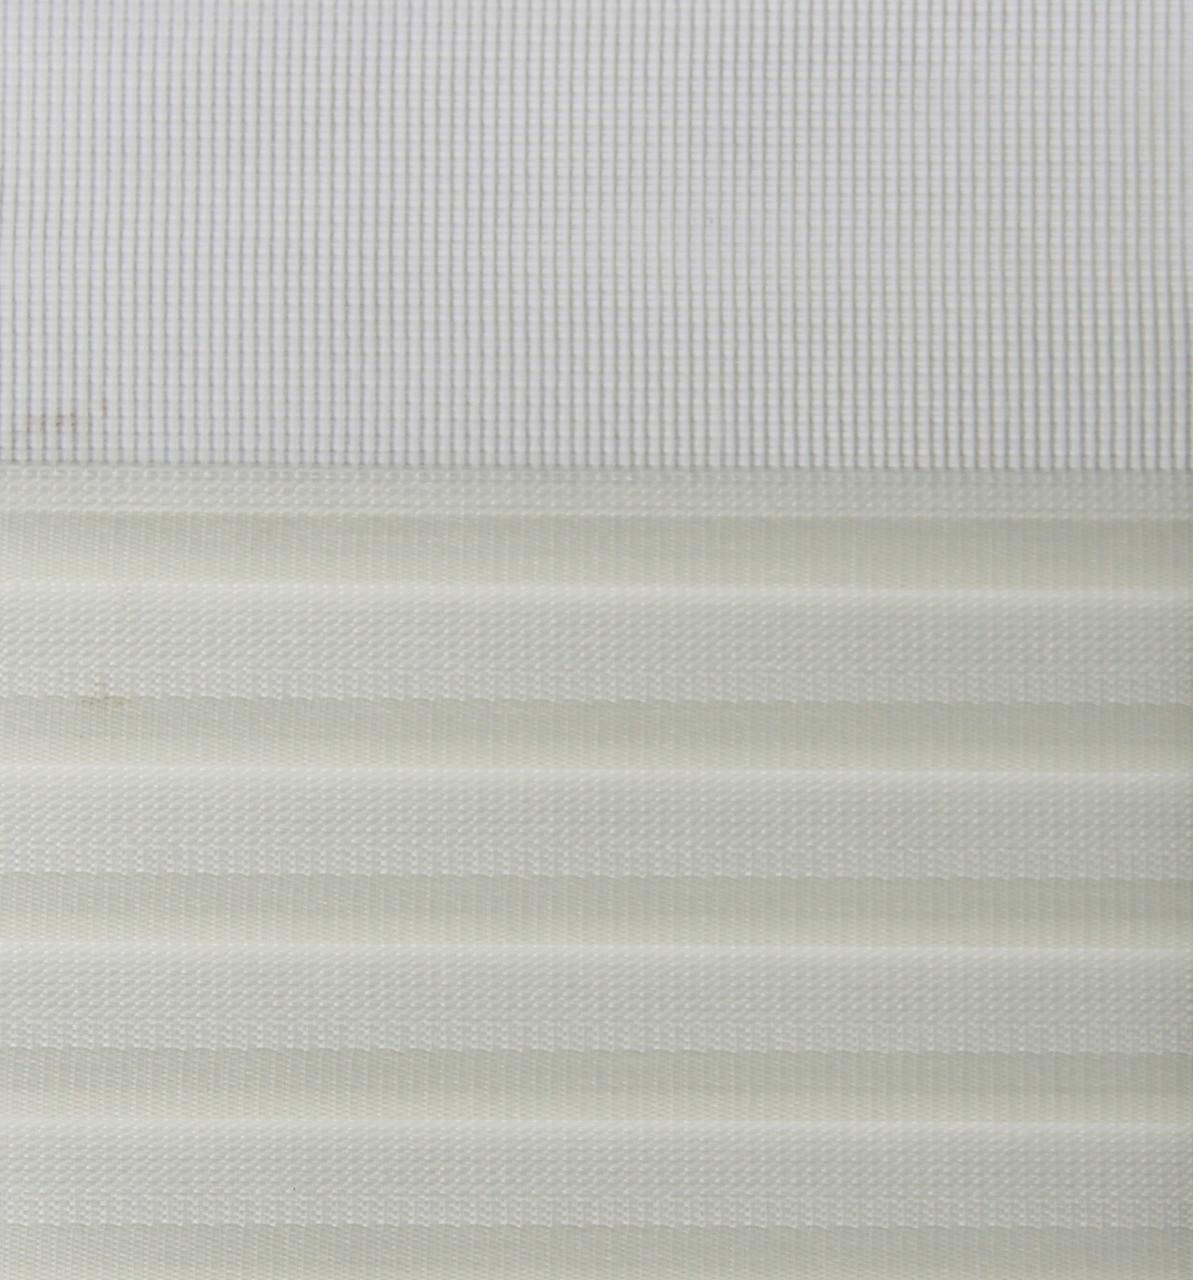 Рулонная штора Miranda День-ночь Z-270 60*130 см Белый